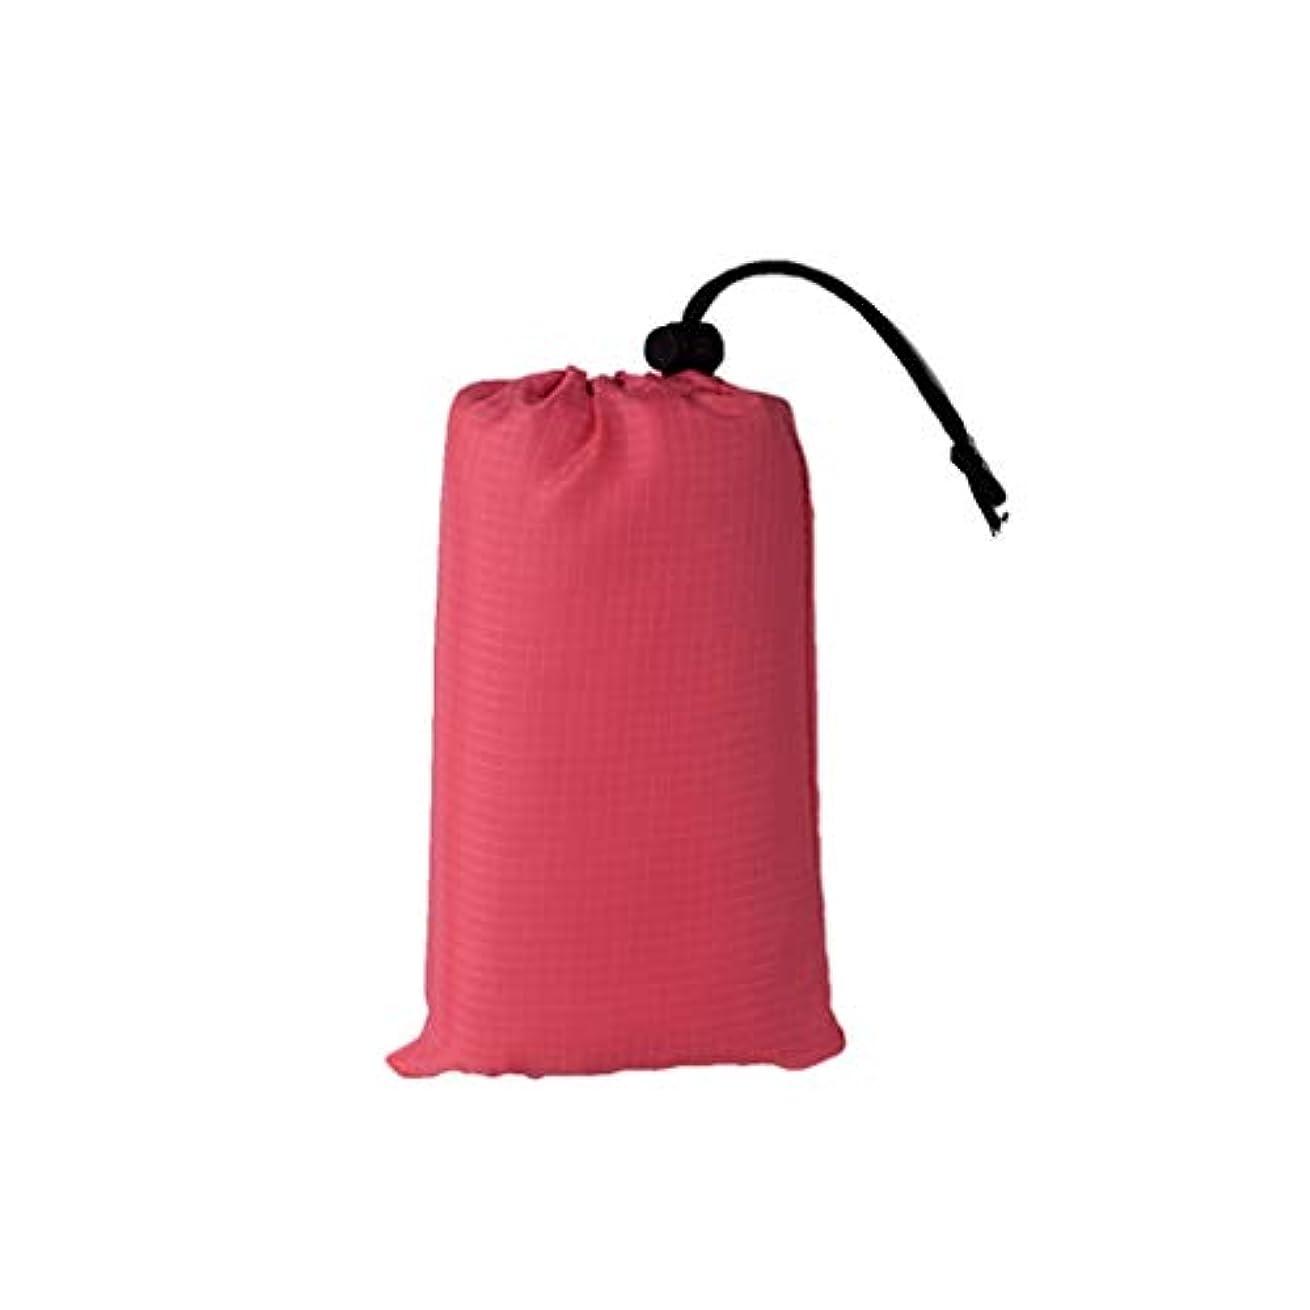 テクスチャーまばたきノートJucaiyuan ピクニックマット、キャンプ用毛布、屋外用防水折りたたみ式ビーチマット (色 : Rose pink, Size : 200x140)